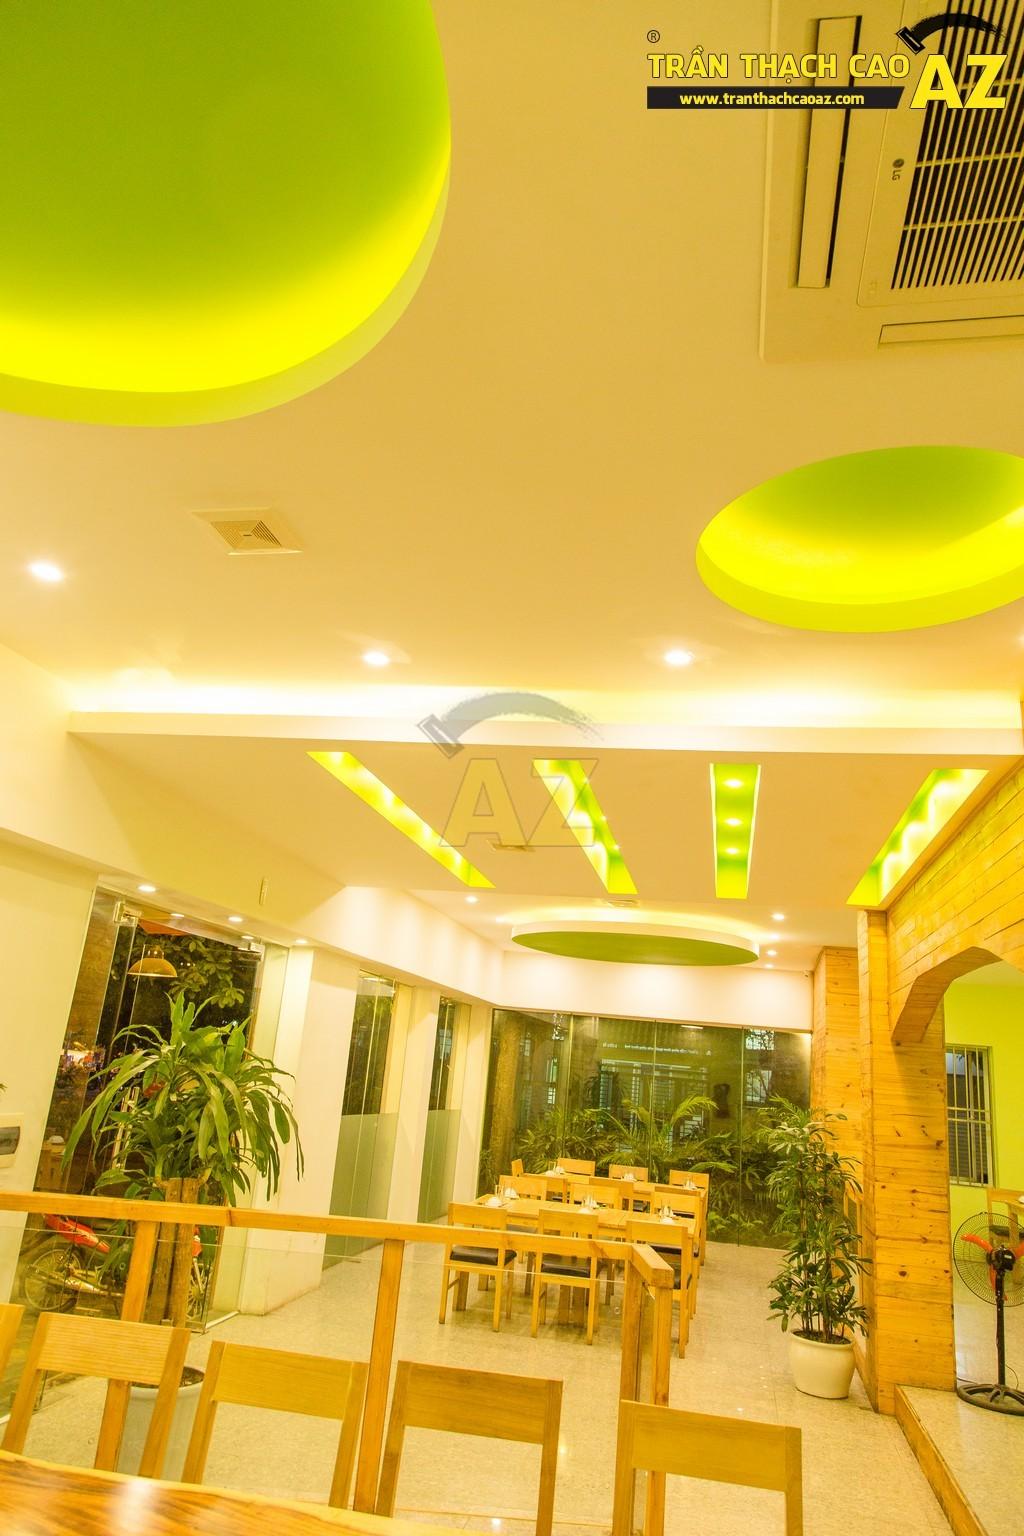 Trần thạch cao đẹp xuất sắc với cách phối màu hoàn hảo của nhà hàng Thắm Hùng - 05